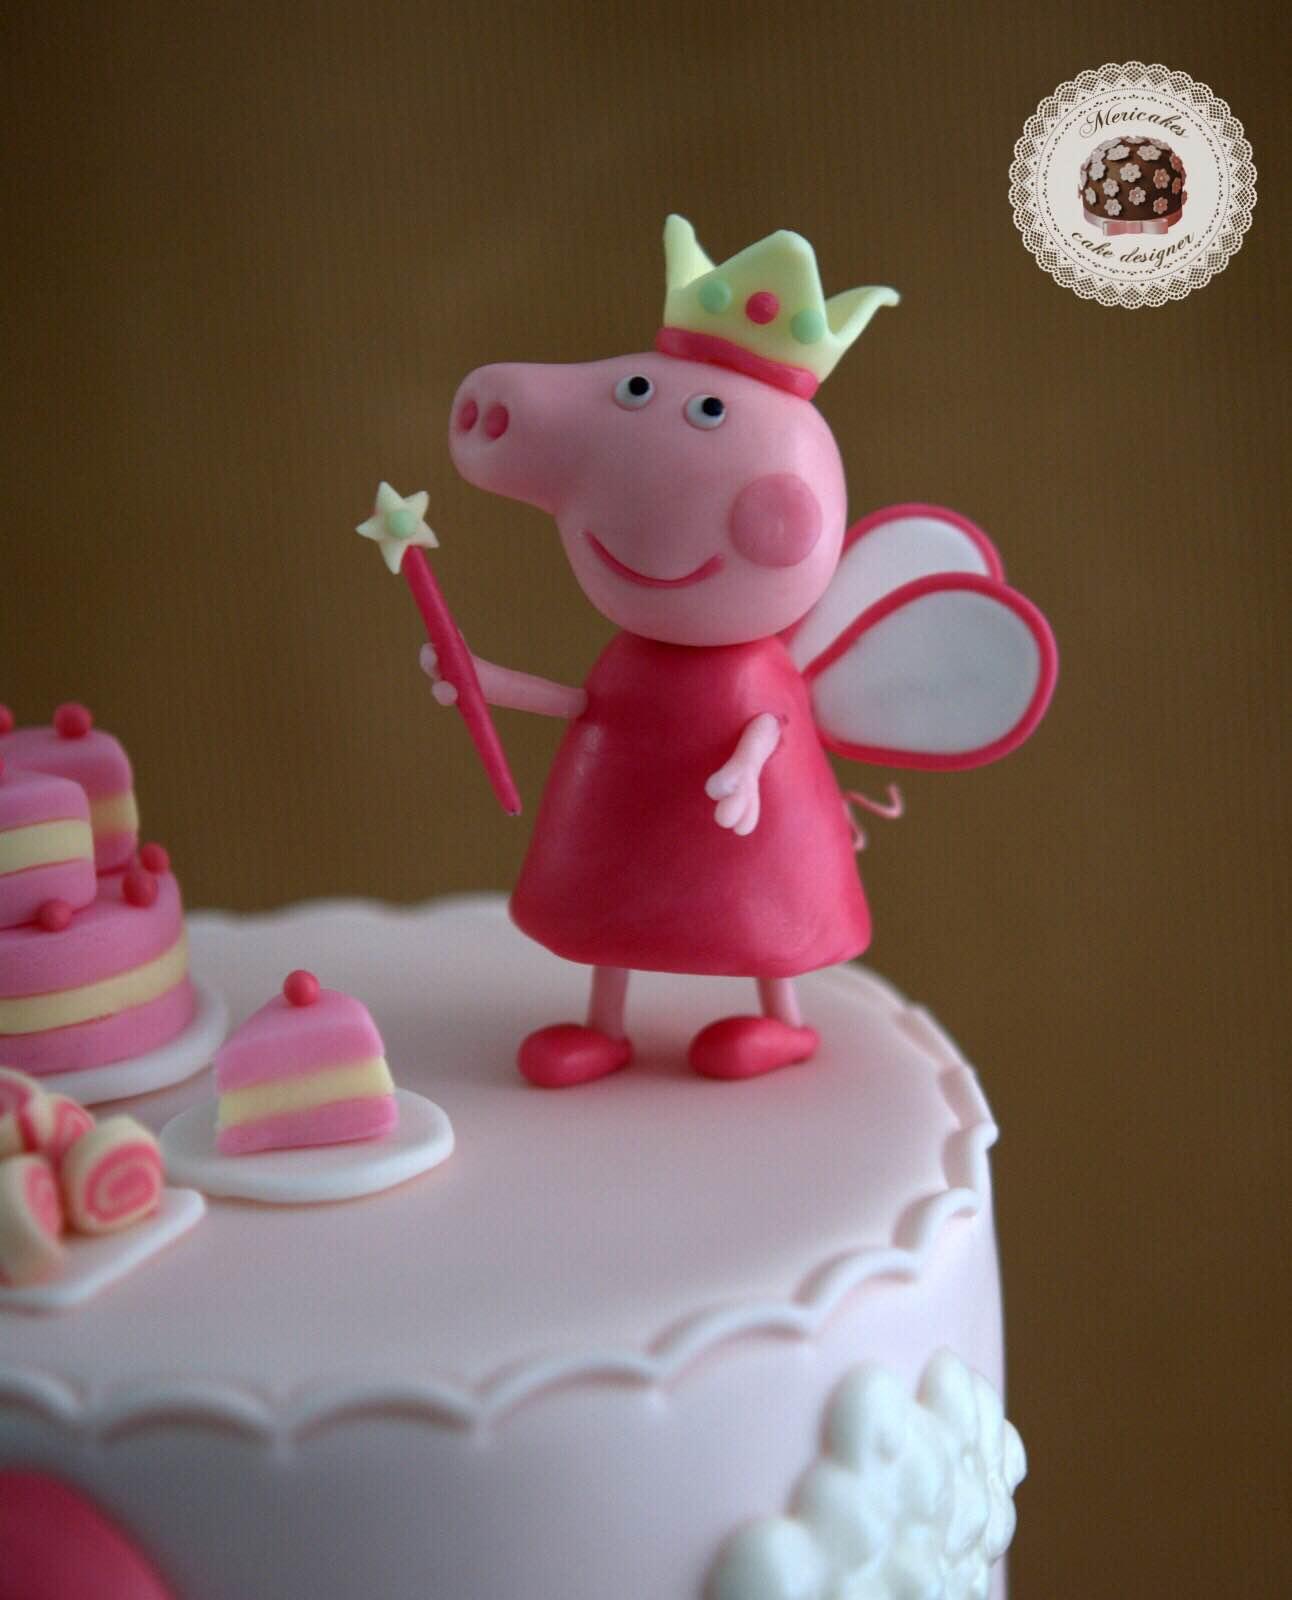 pepa-pig-tarta-cake-birthday-cake-tarta-decorada-tartas-barcelona-mericakes-girl-cake-fairy-pepa-pastel-fondant-satin-ice-3